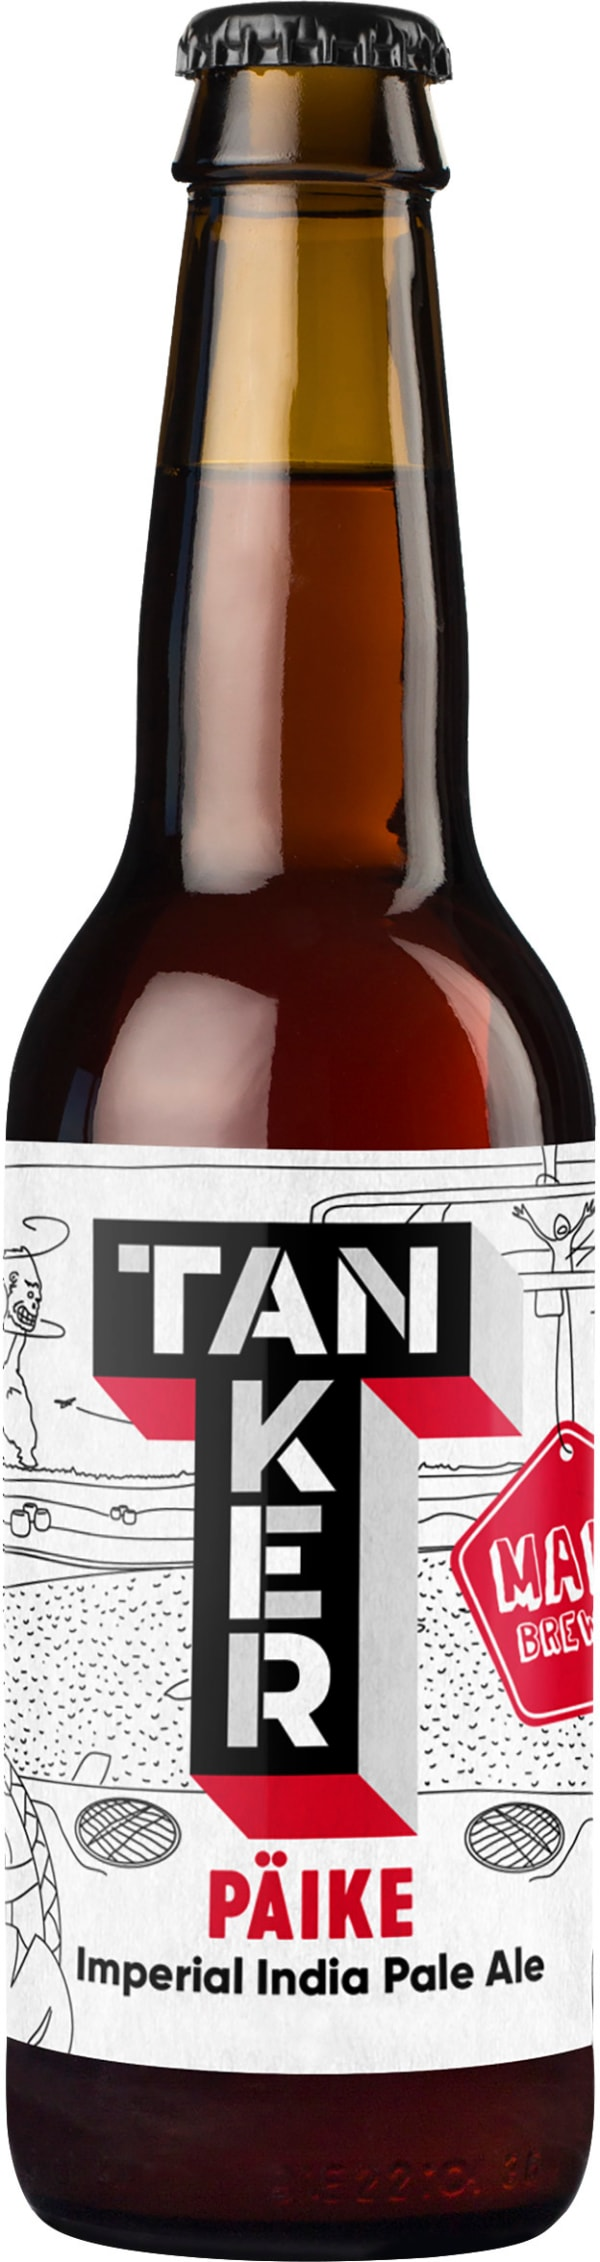 Tanker & Maku Päike Imperial India Pale Ale